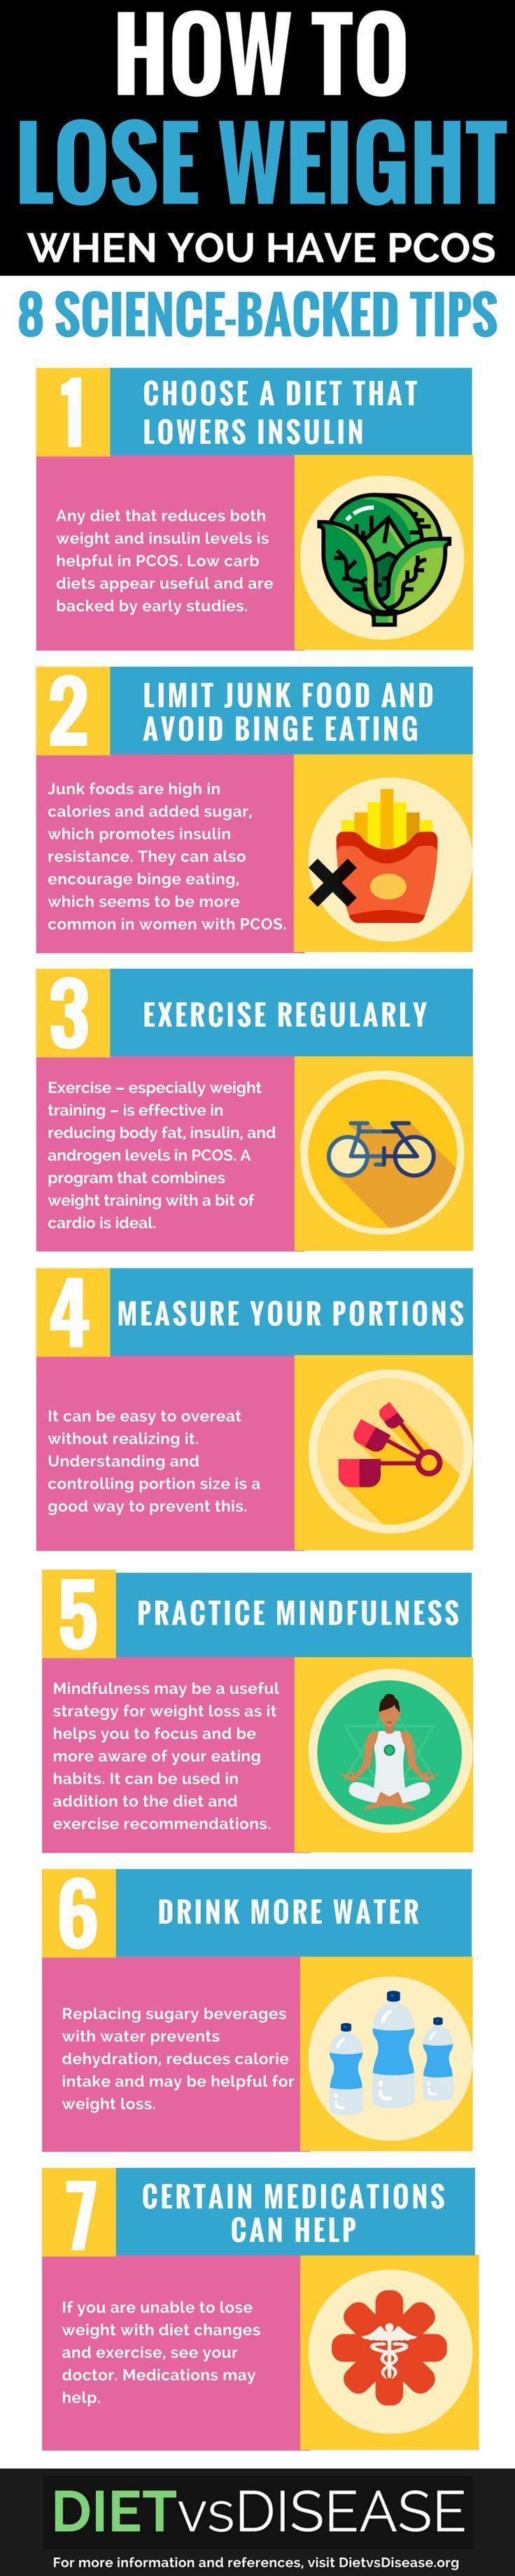 pre pregnancy hormones to lose weight